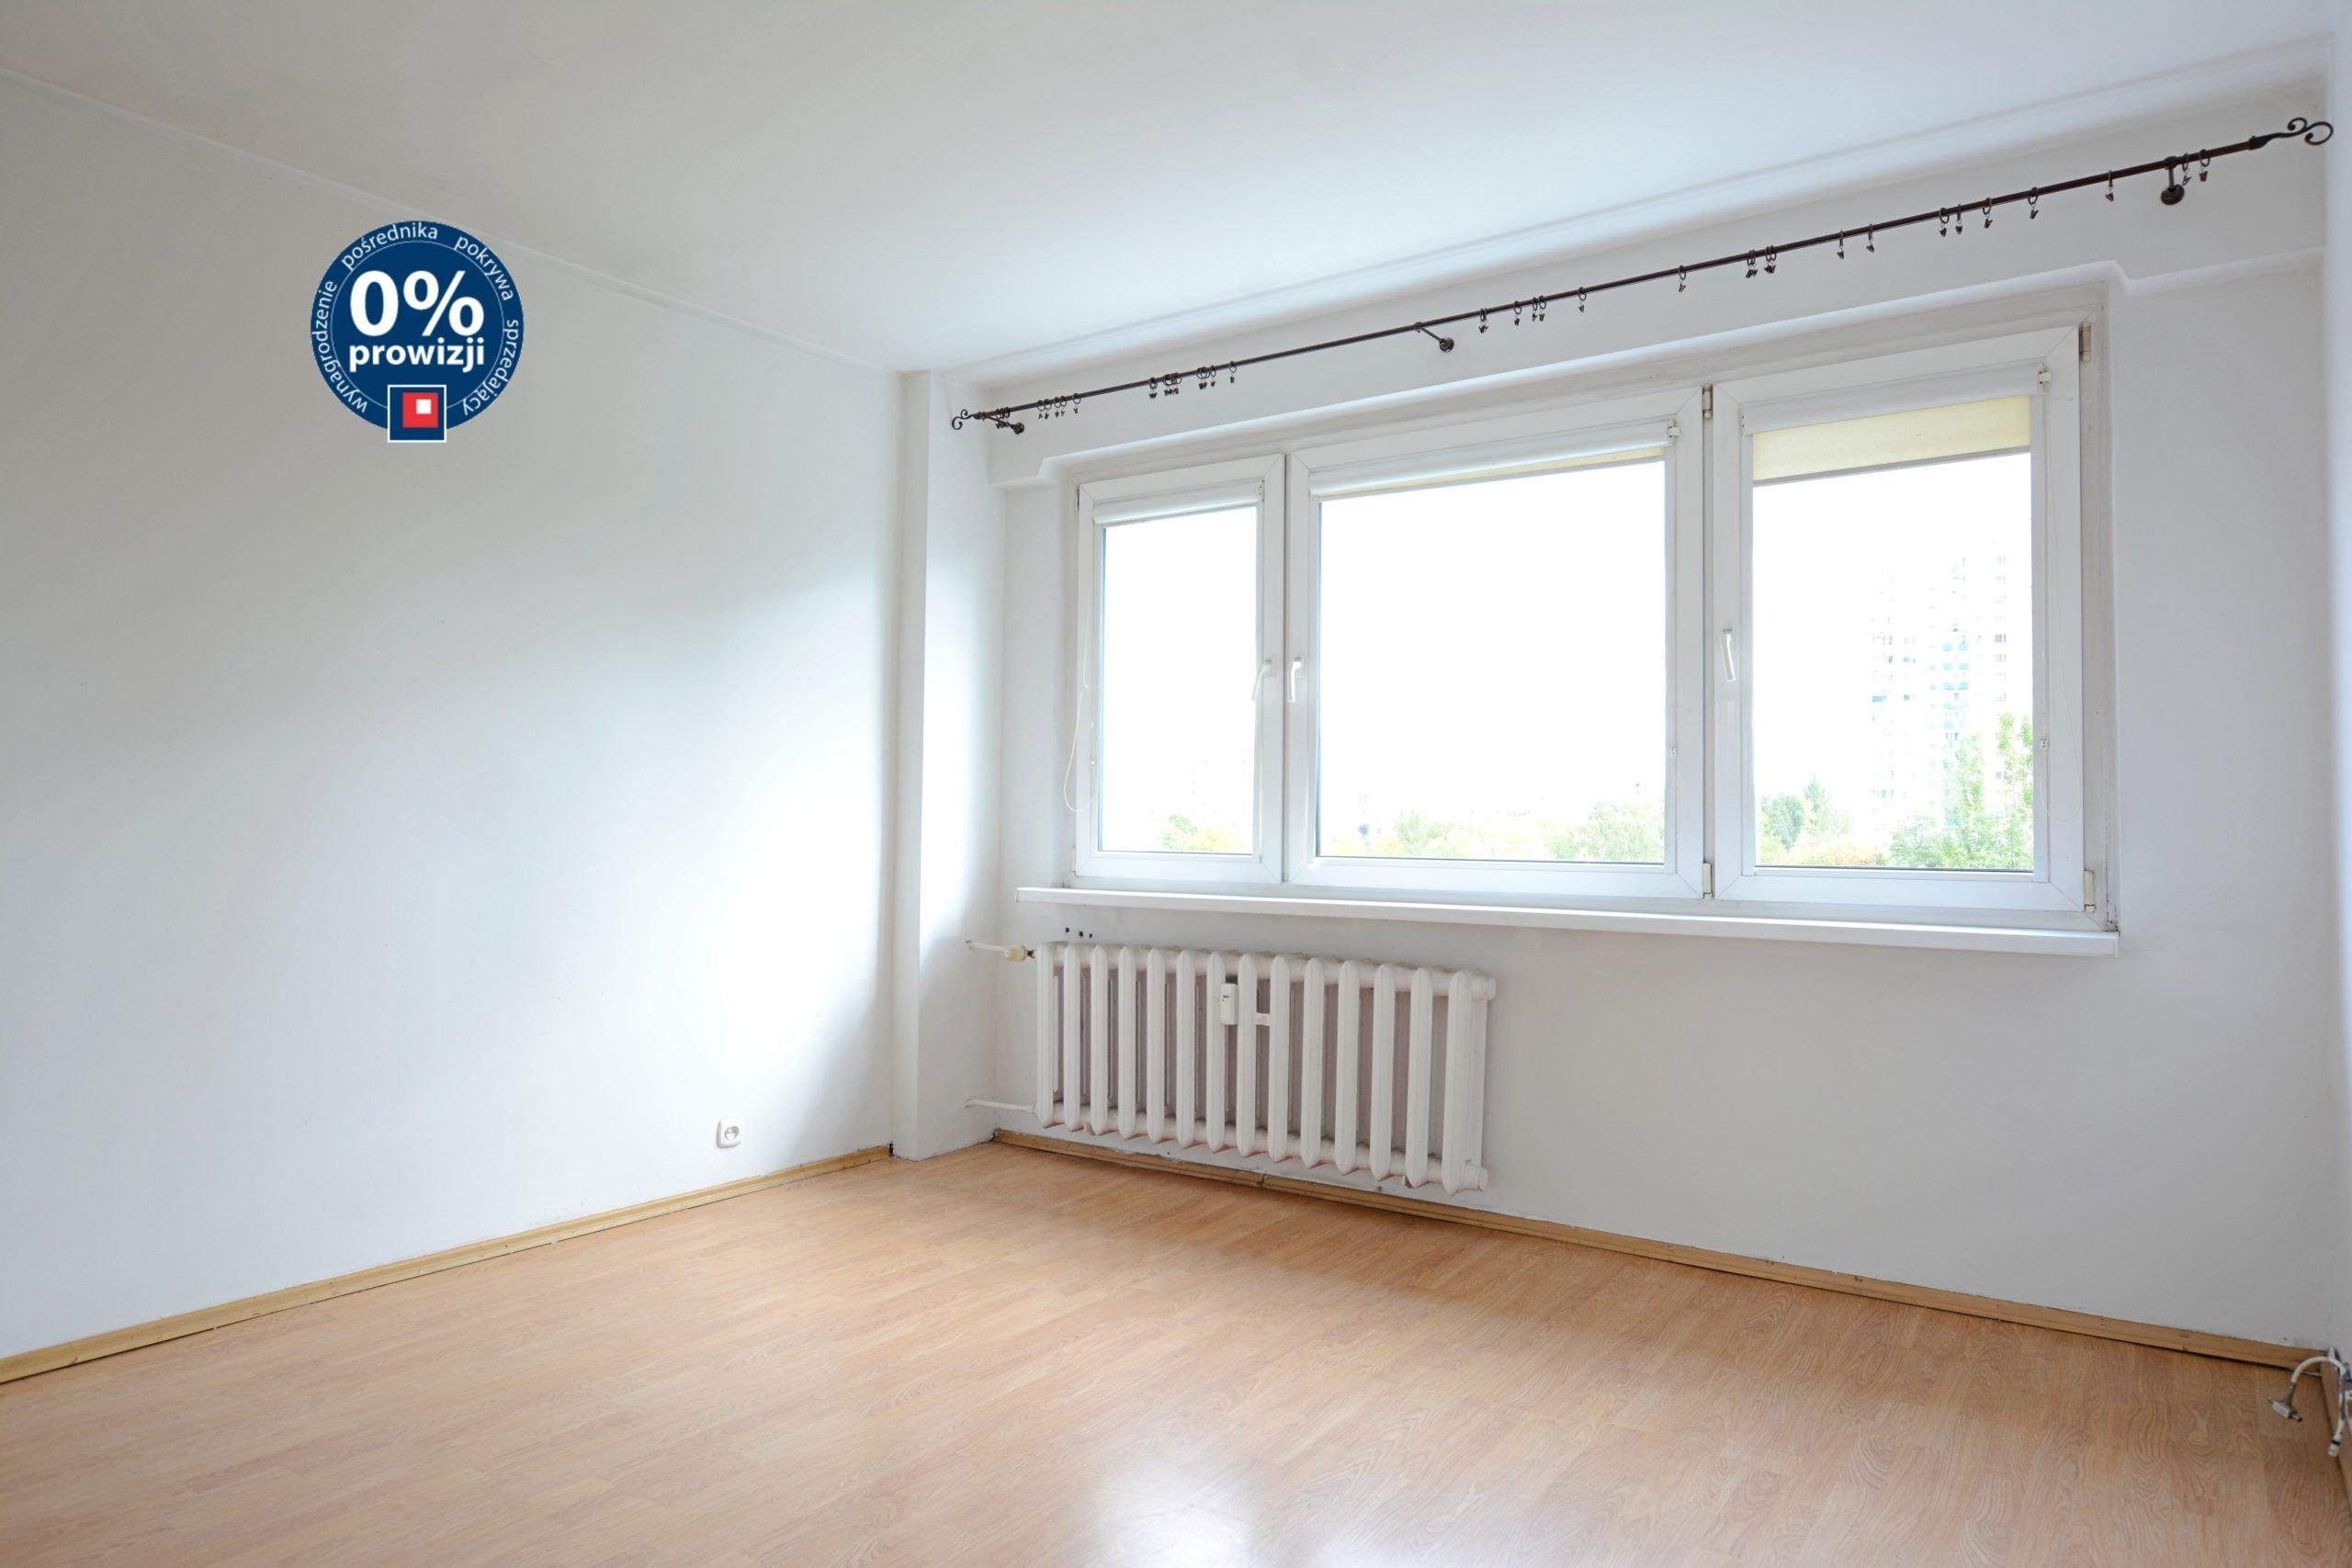 Kompaktowe mieszkanie 2-pokojowe na poznańskich Ratajach. 0% prowizji!